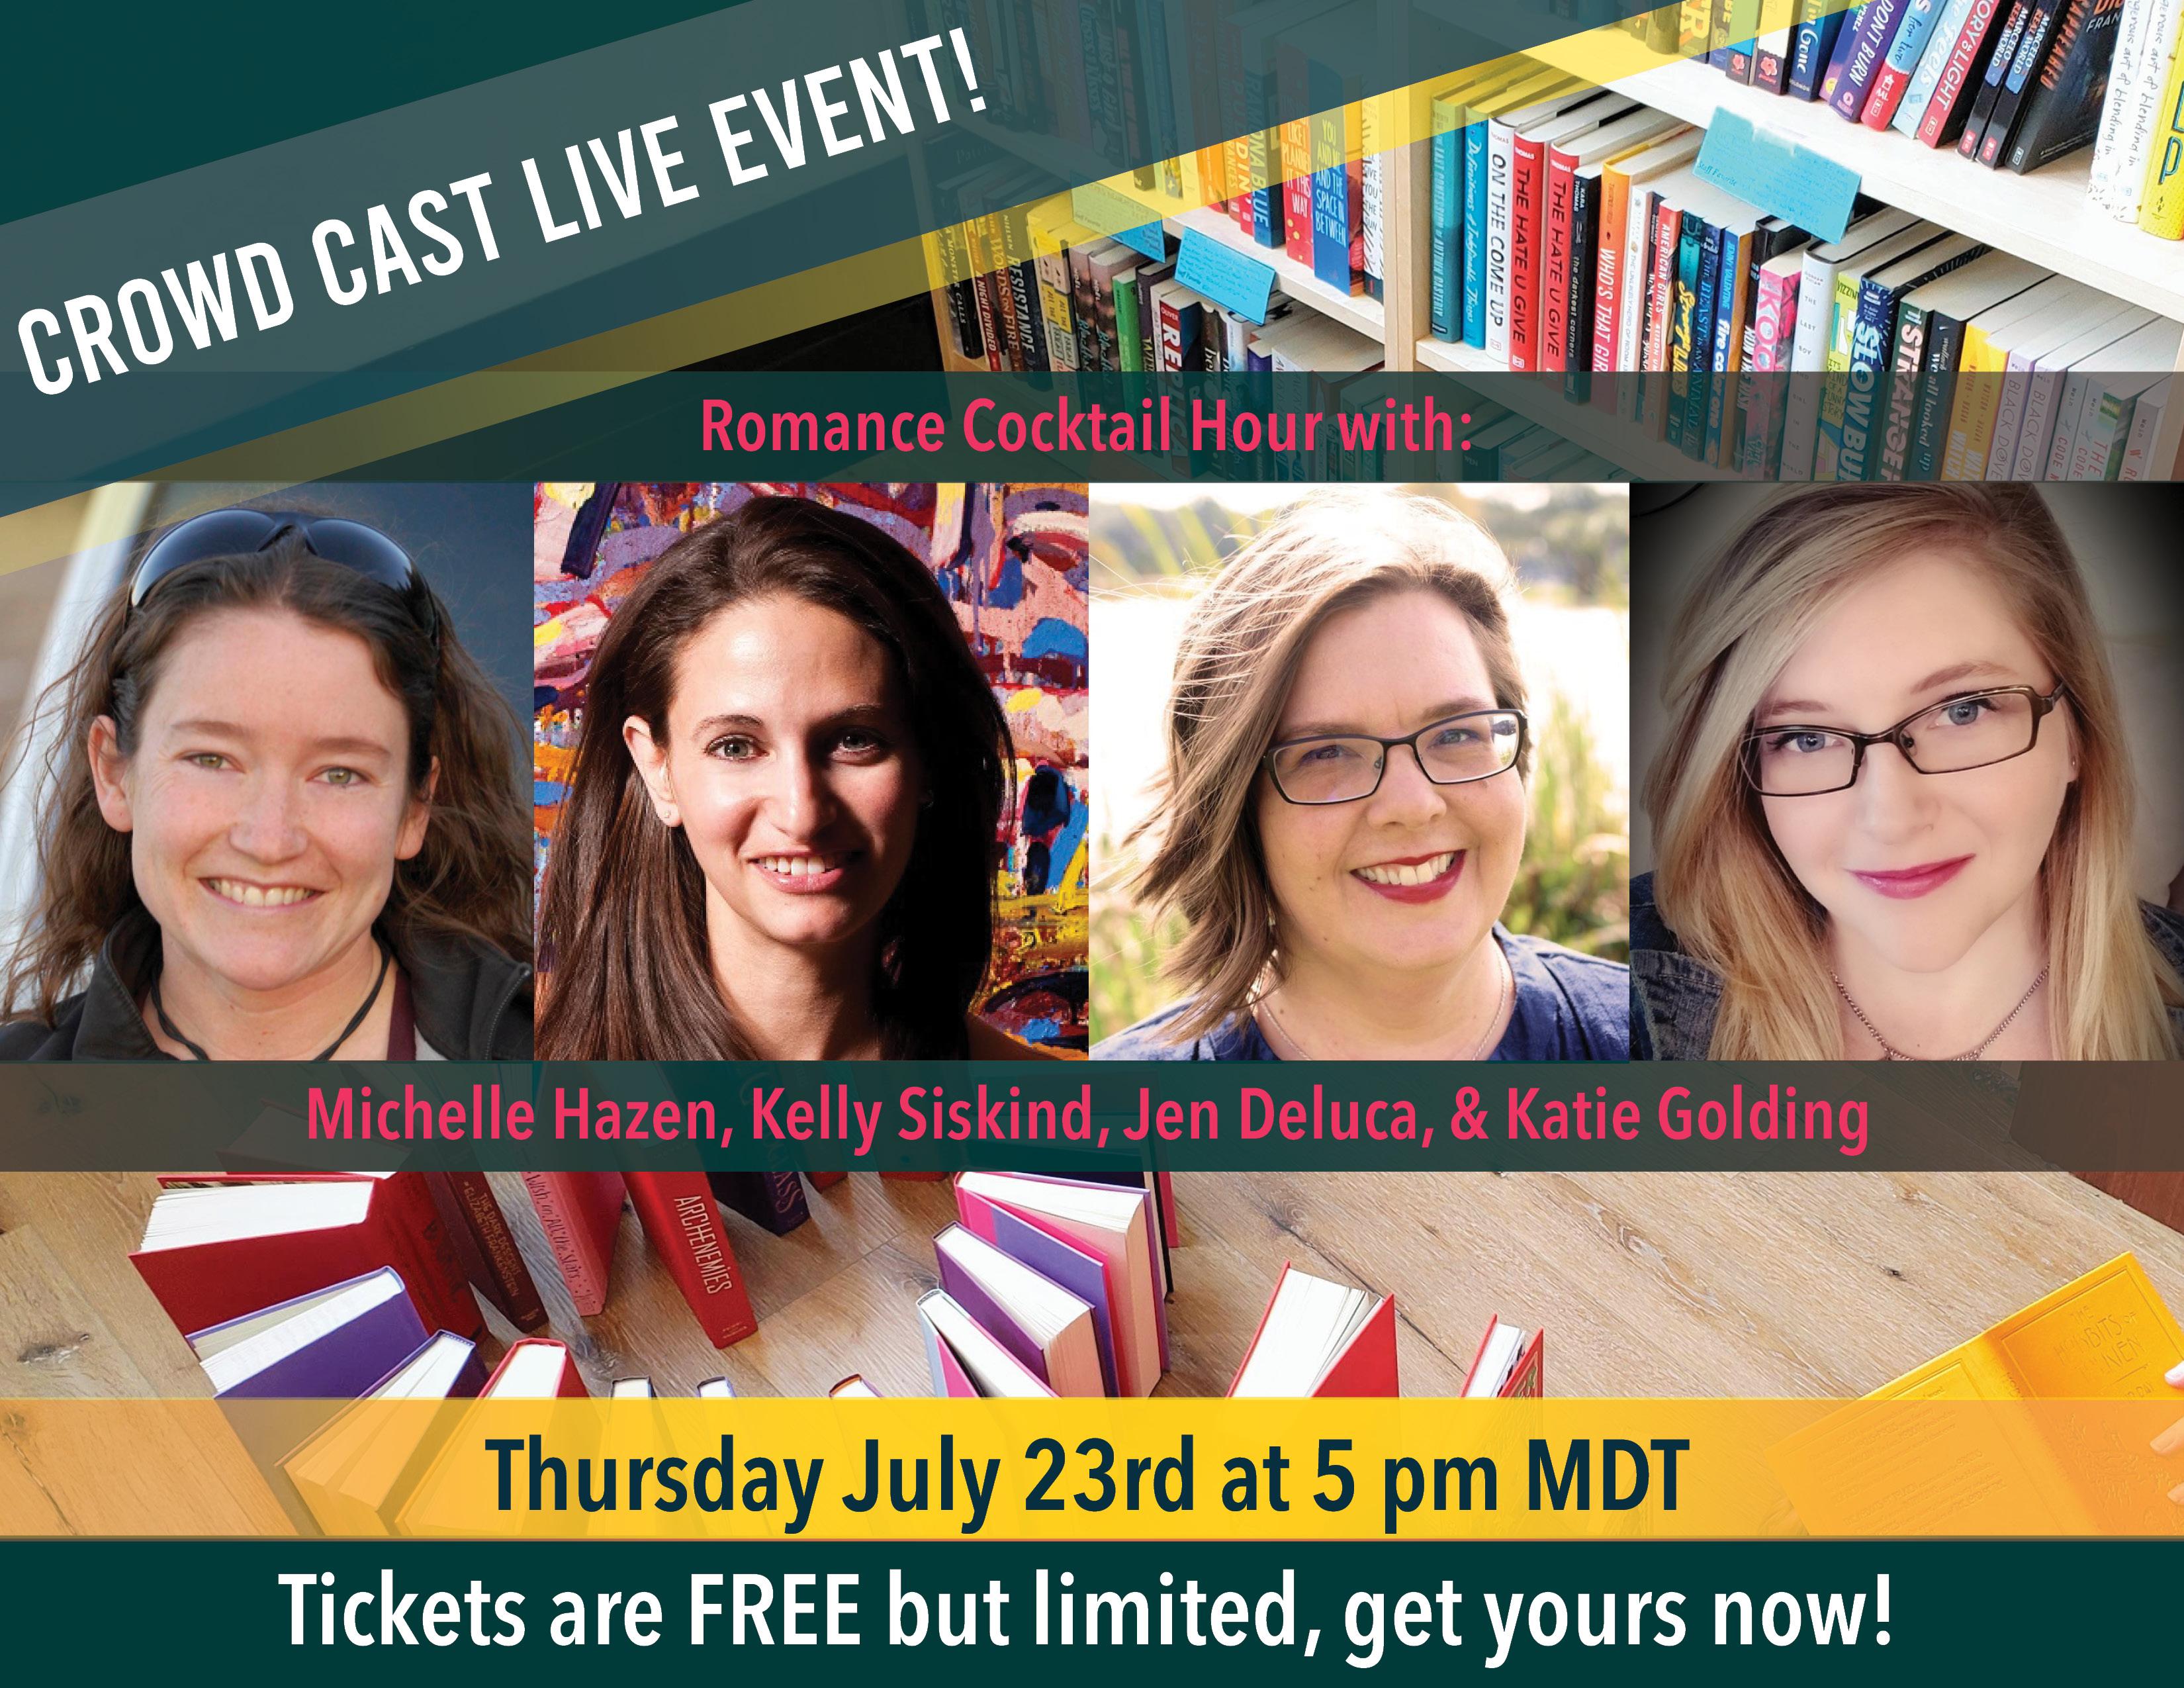 Crowd Cast Live Event - Romance Cocktail Hour